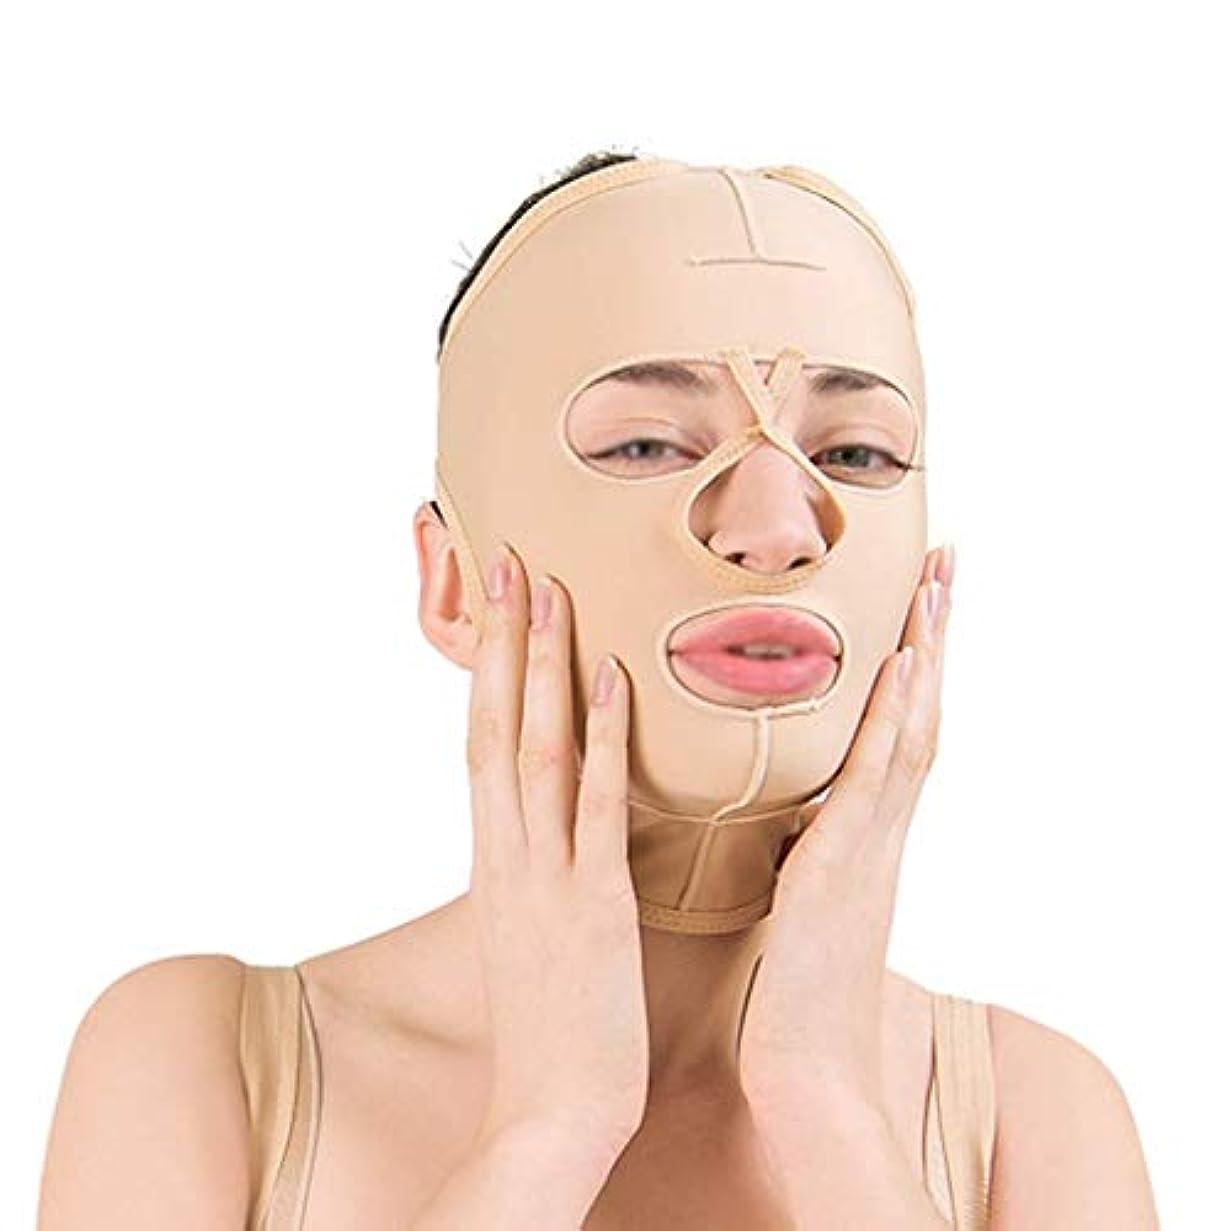 ビヨン同情彼はフェイススリミングマスク、フェイスバンデージ付きフェイシャル減量マスク、通気性フェイスリフト、引き締め、フェイスリフティング(サイズ:L),ザ?